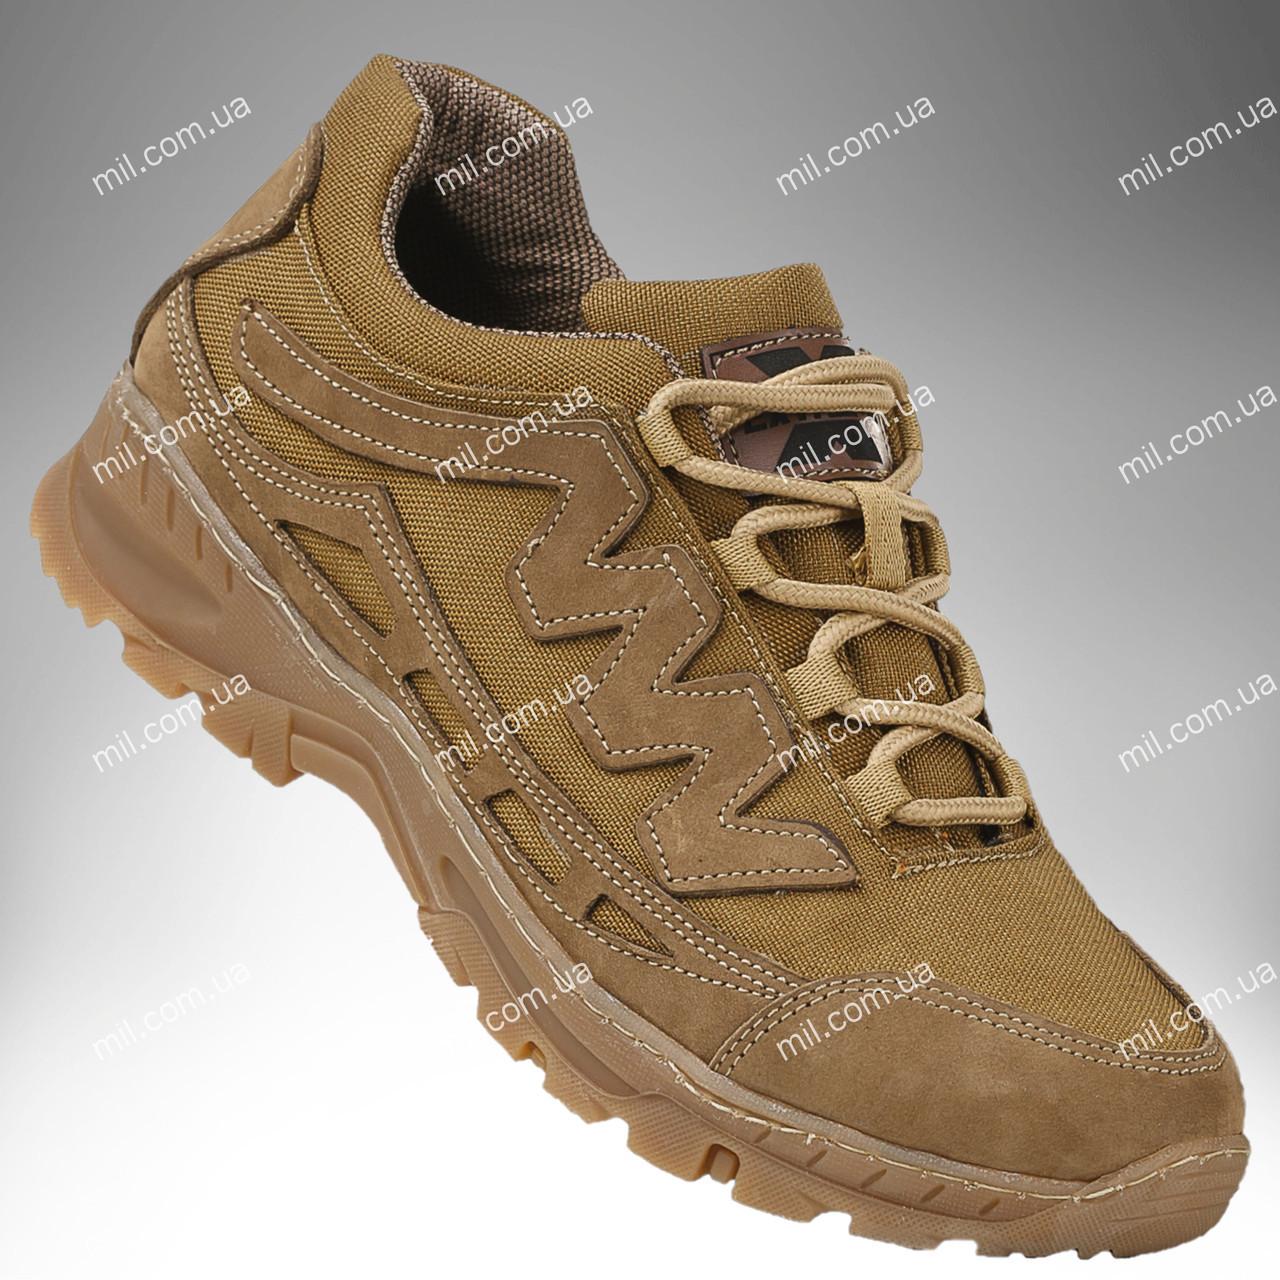 Тактические летние кроссовки / военная обувь Comanche Gen.II (coyote)